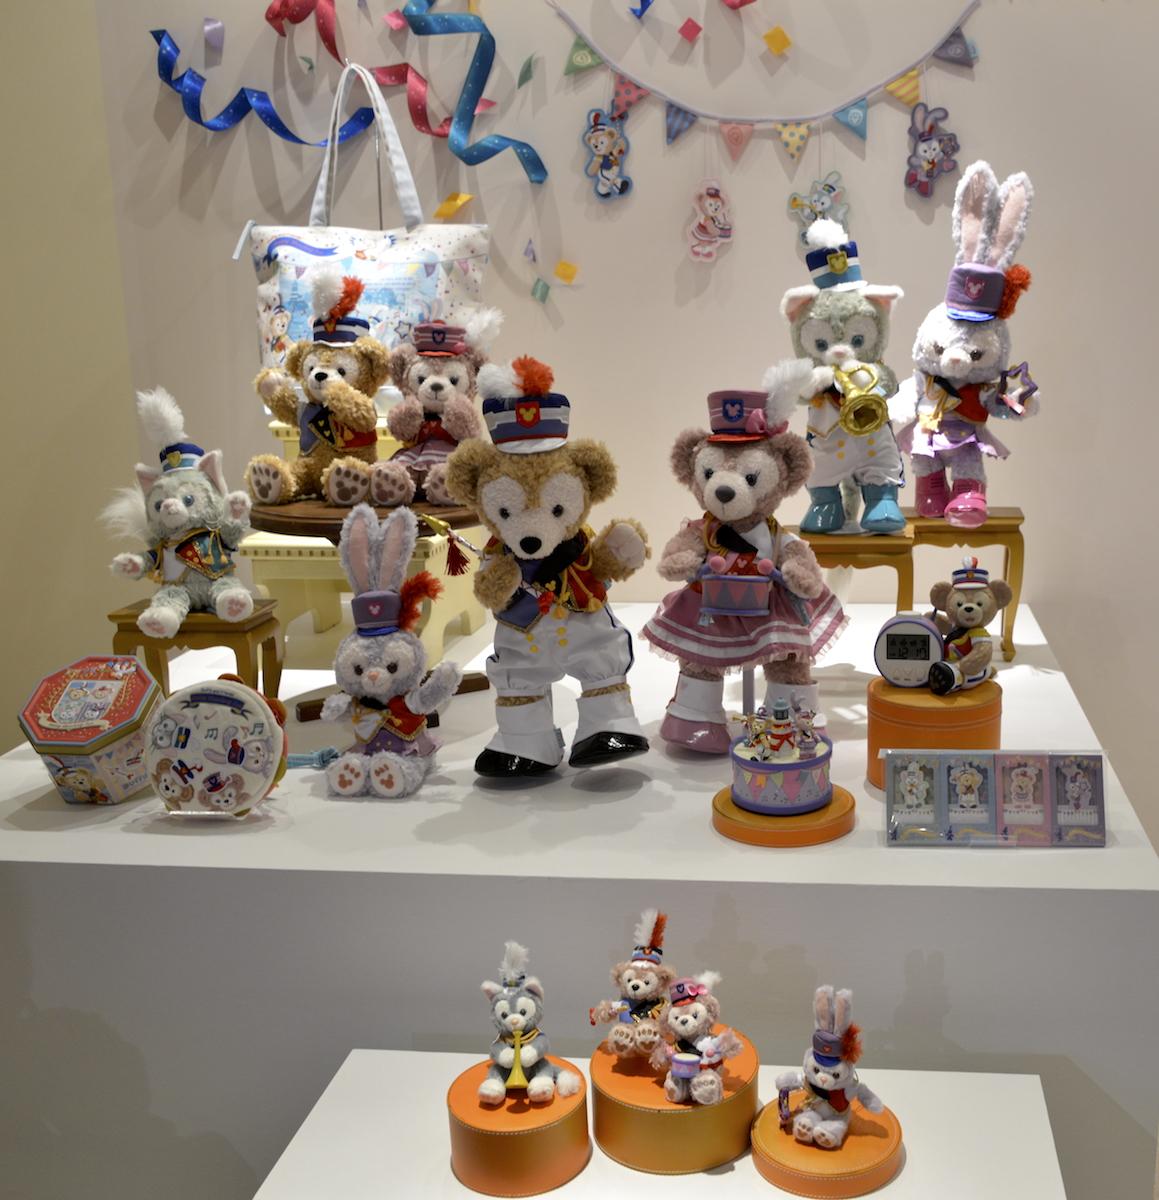 東京ディズニーリゾート 35周年記念『happiest celebration